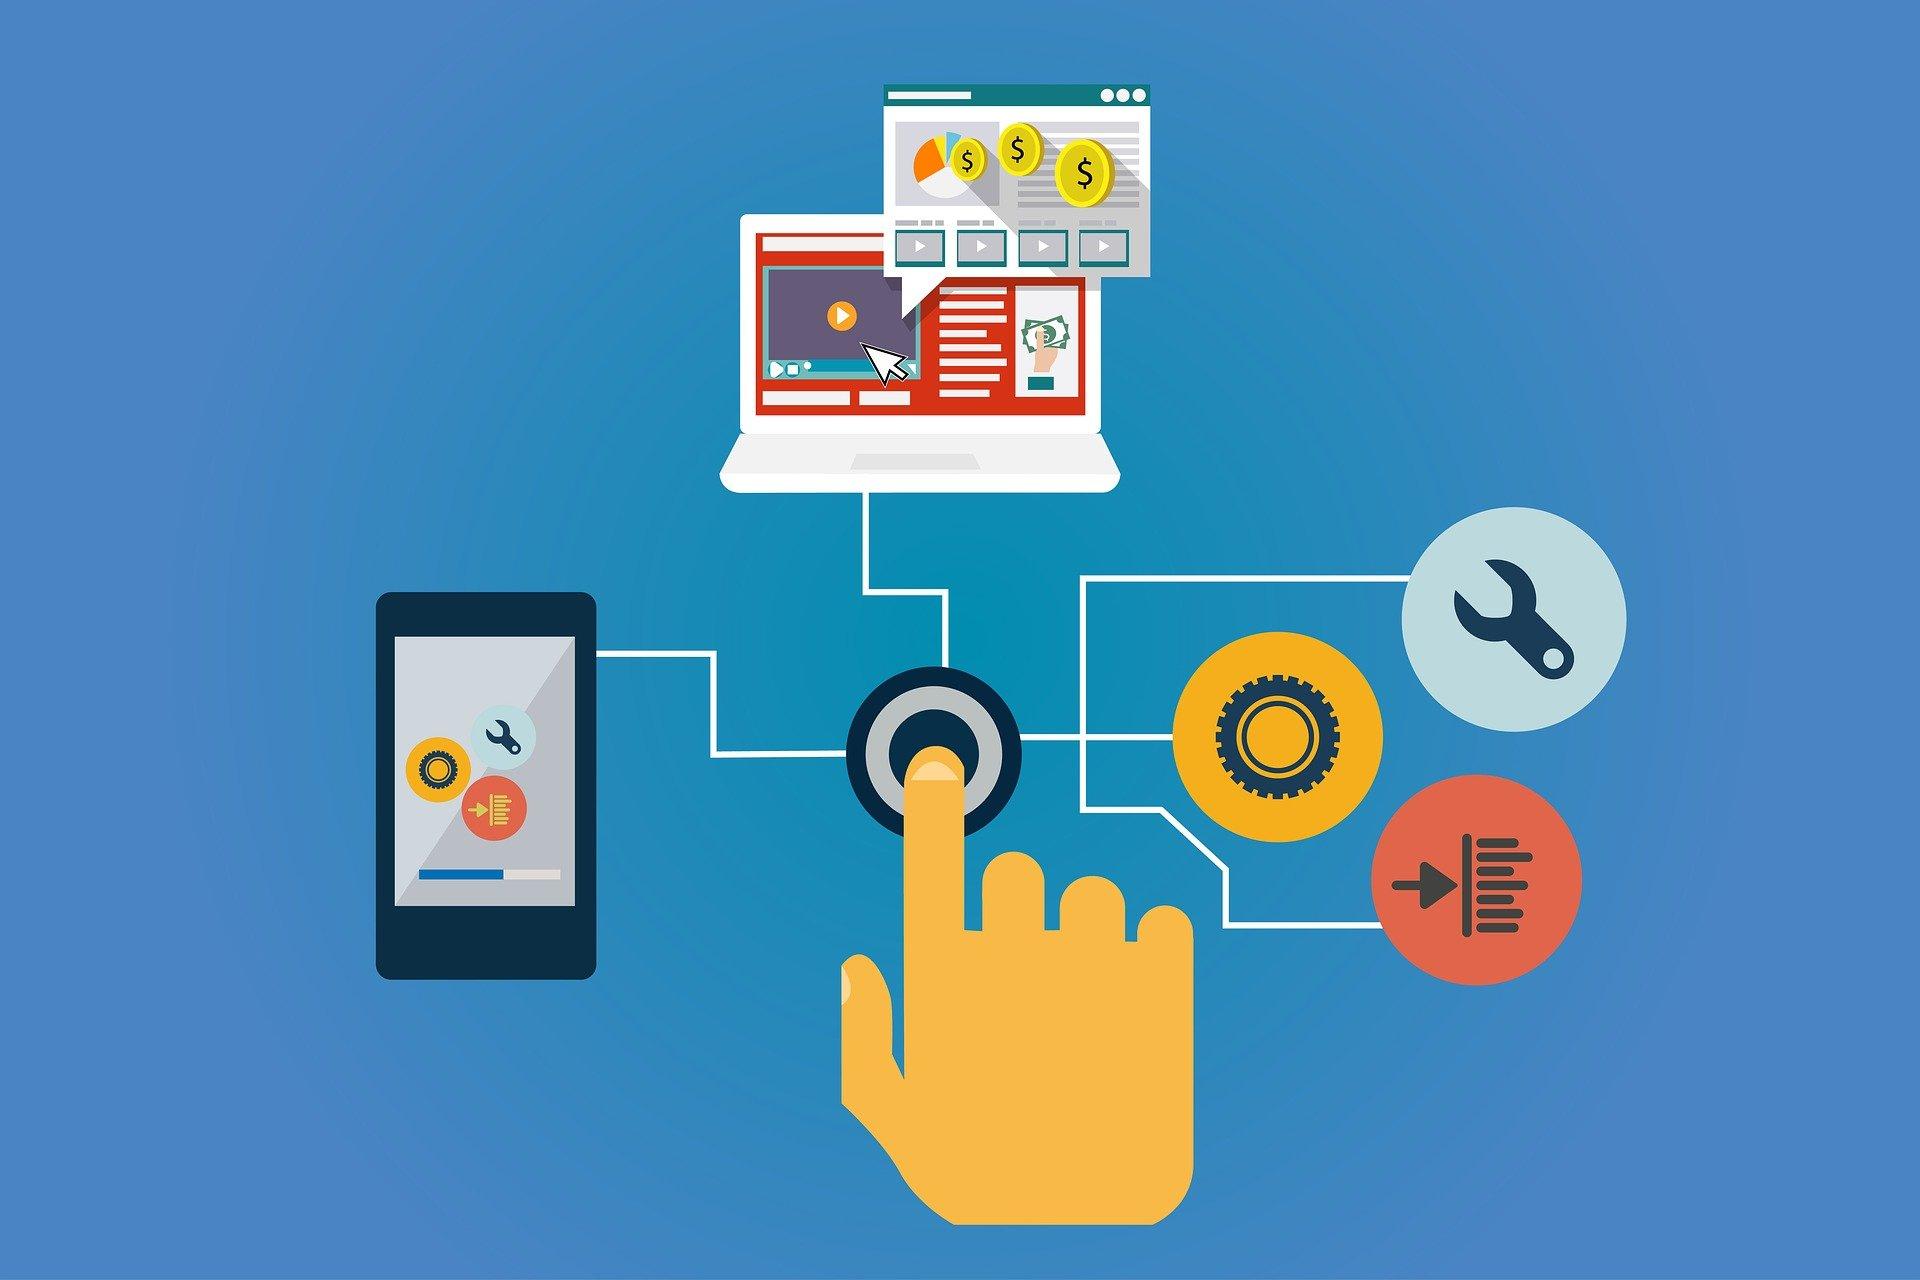 Technologie, die hinter dem Onlinehandel steht, muss sich an die Bedürfnisse des Kunden anpassen.